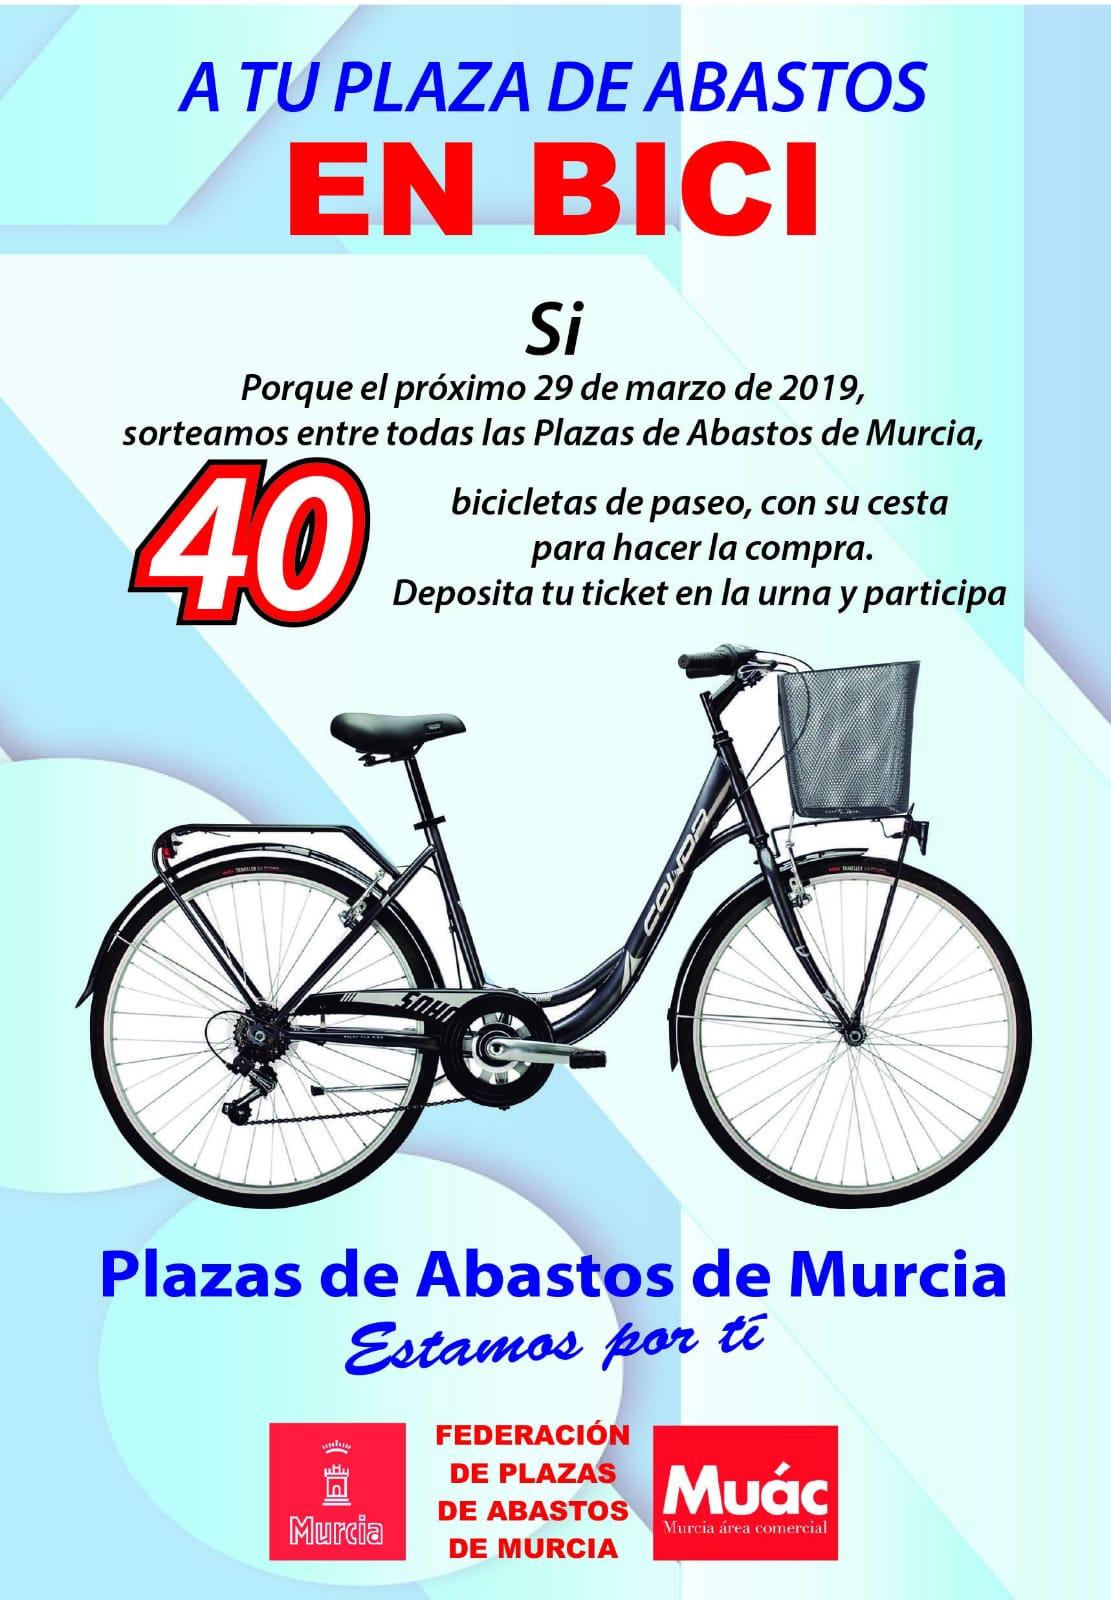 A tu plaza en bici